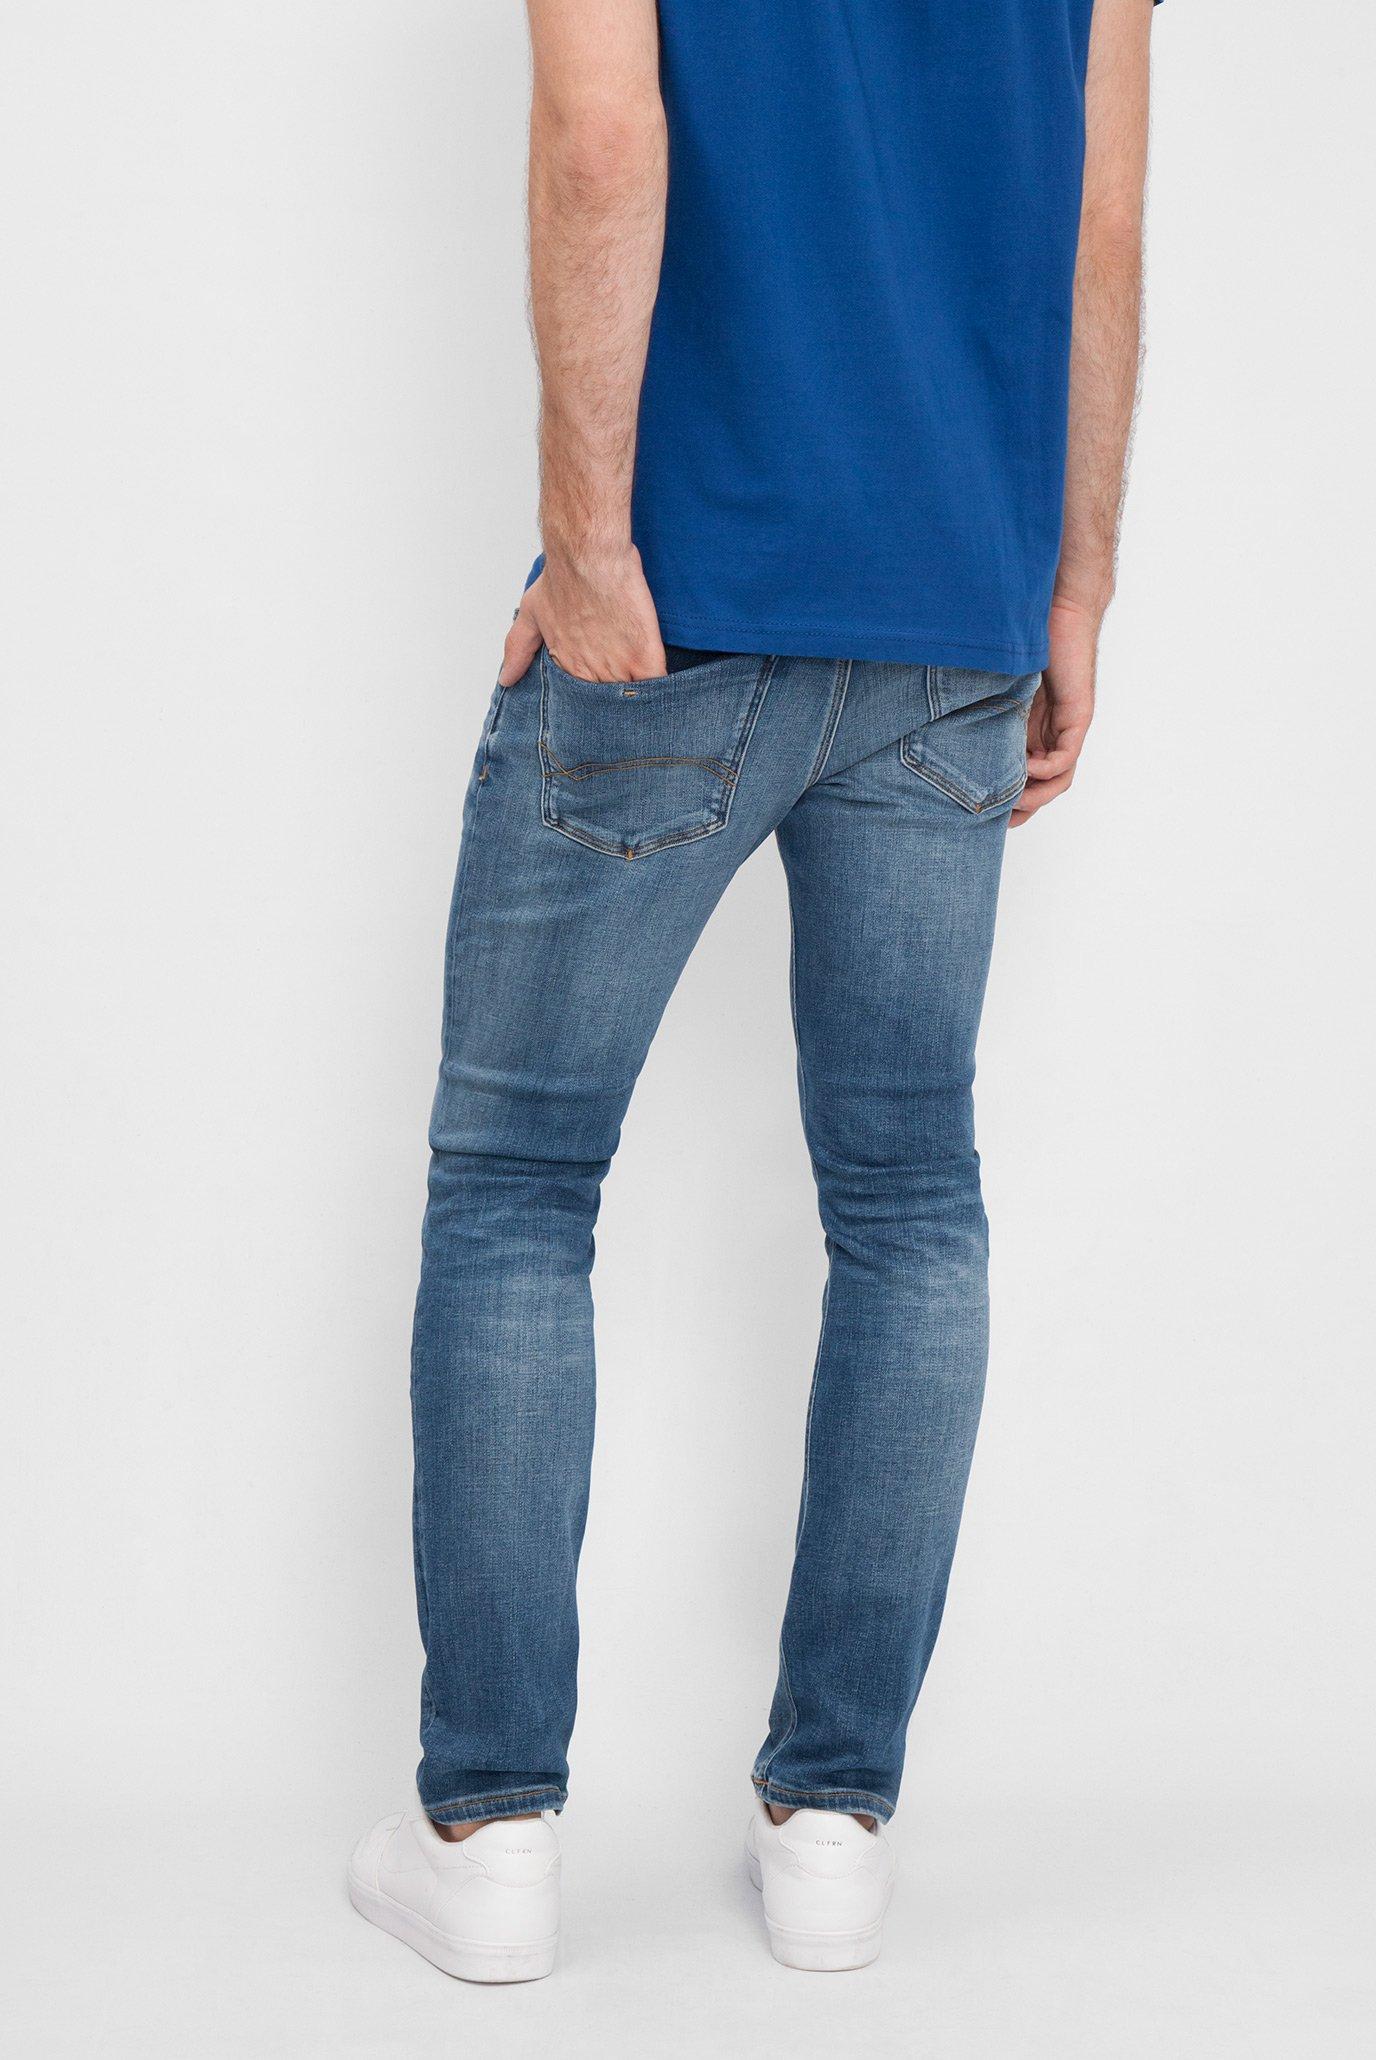 Купить Мужские синие джинсы SLIM SCANTON DYCBLST Tommy Hilfiger Tommy Hilfiger DM0DM02483 – Киев, Украина. Цены в интернет магазине MD Fashion